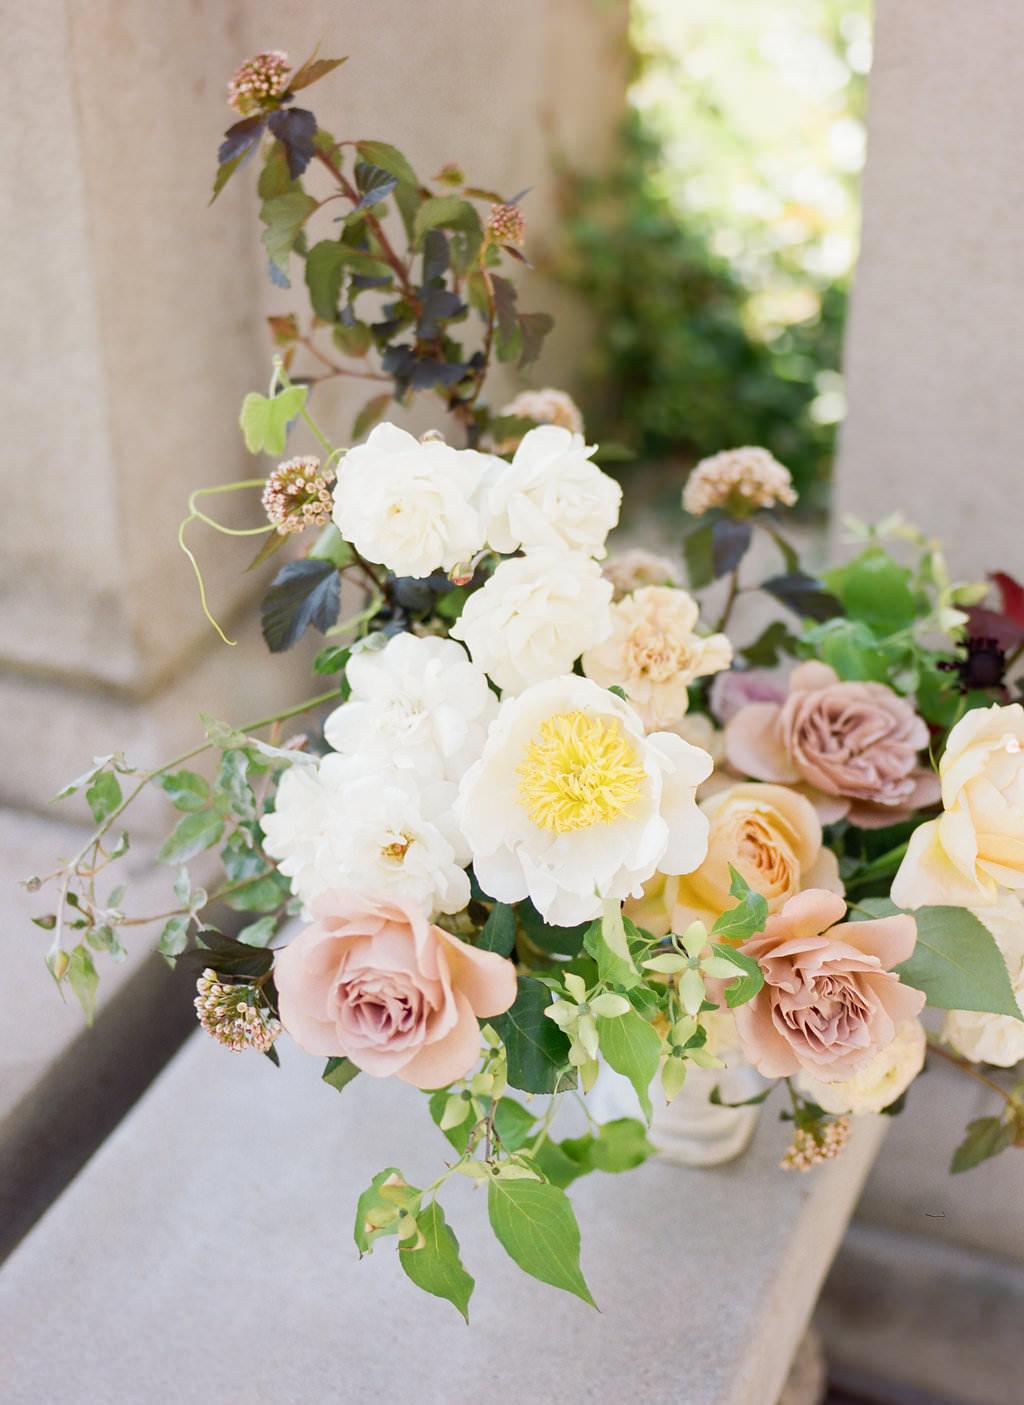 rachel-havel-WPD-shoot-florals-23.jpg